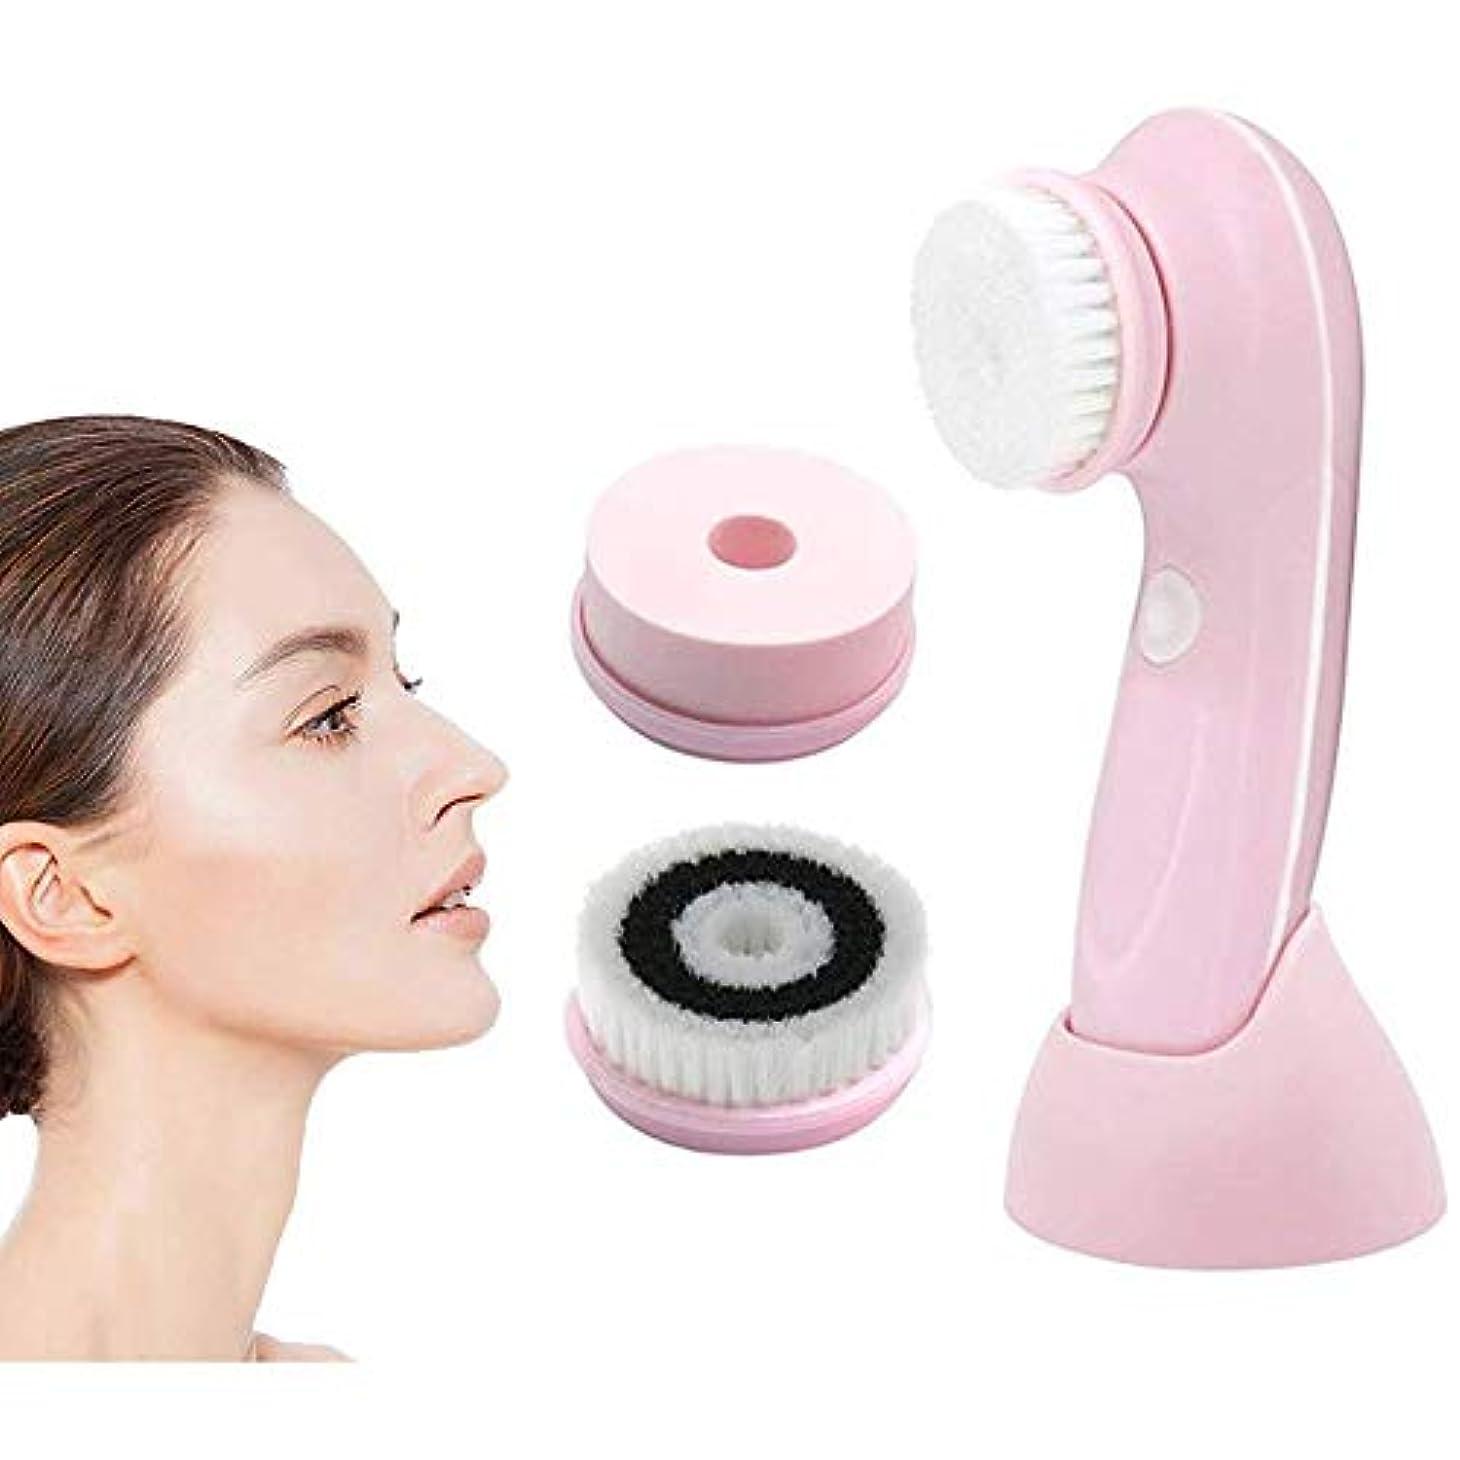 天気オーラルおKJRJCD 洗顔ブラシ、3つの交換用ヘッドとエクスフォリエイティング、ブラックヘッド、ポータブル顔スクラバー用USB充電式プロフェッショナル洗顔ブラシ、ピンクスピニング